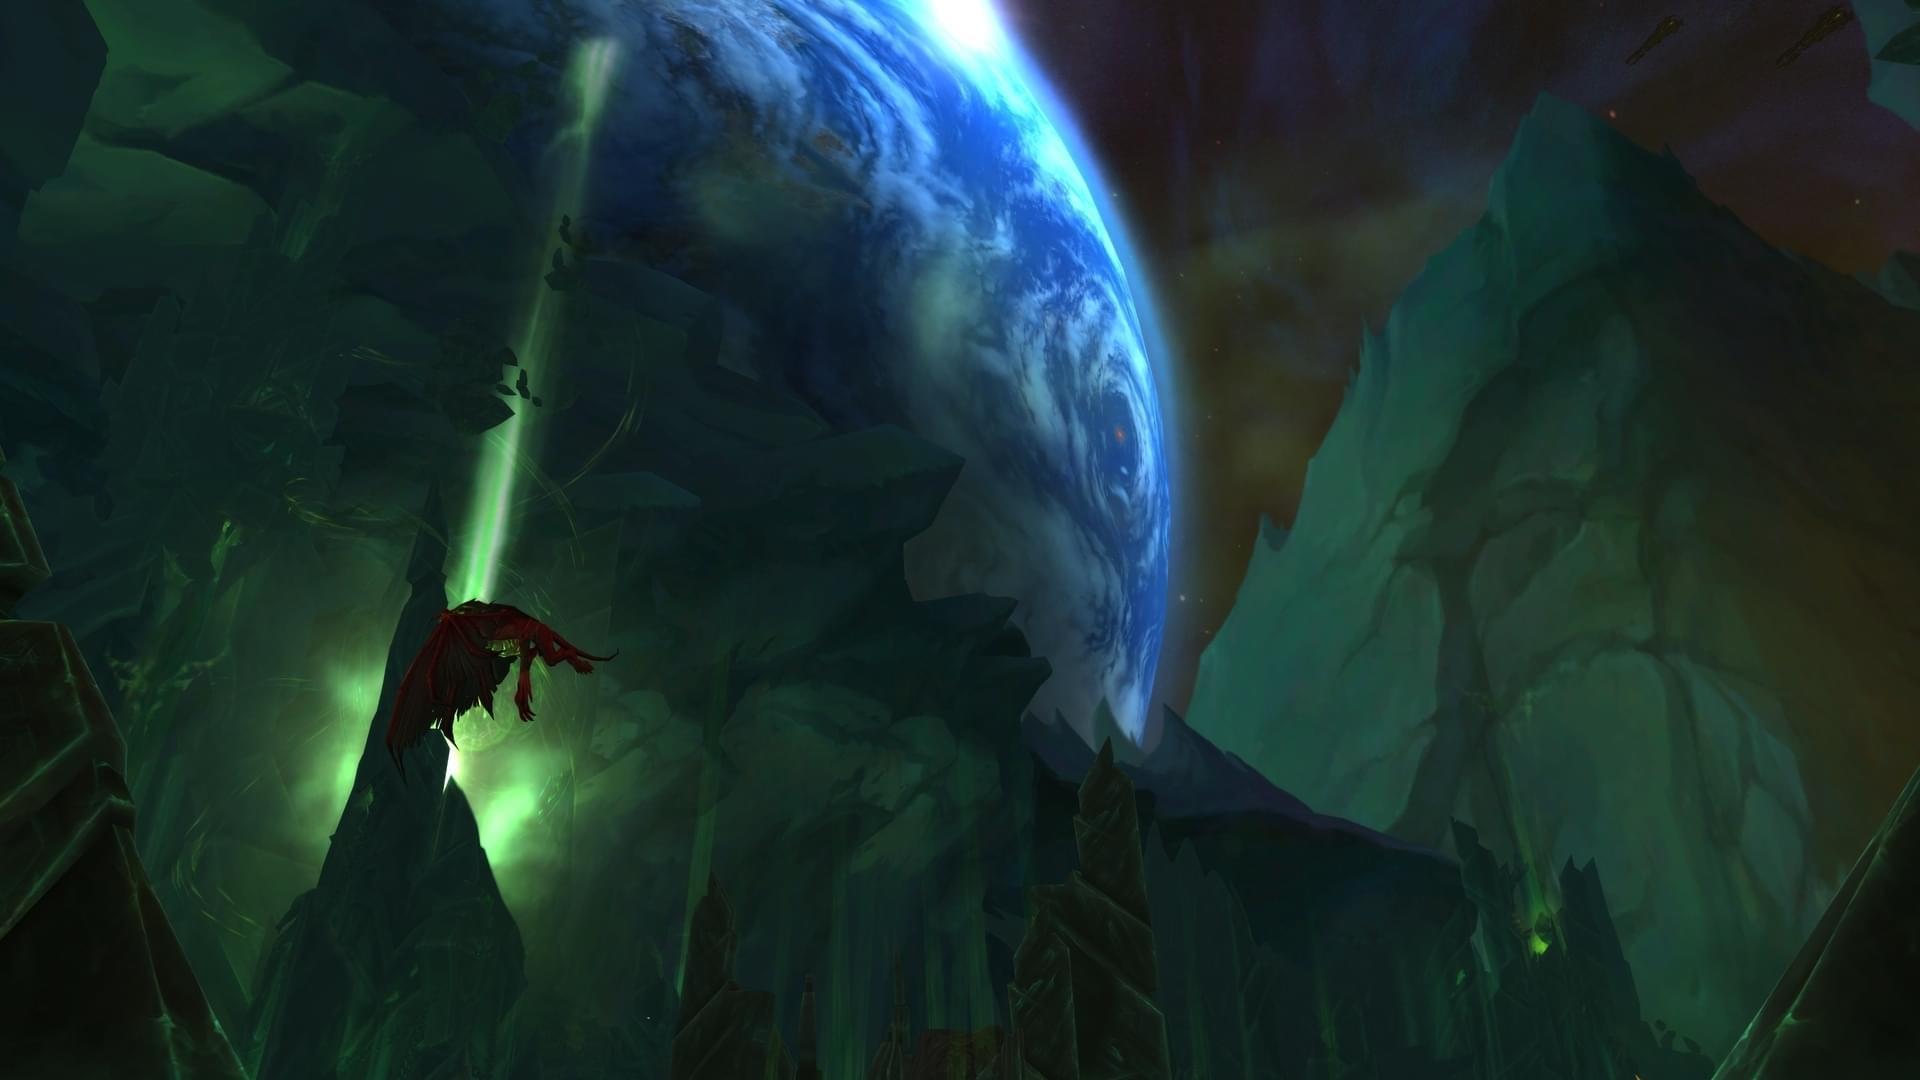 魔兽世界7.3安托鲁斯燃烧的王座区域预览